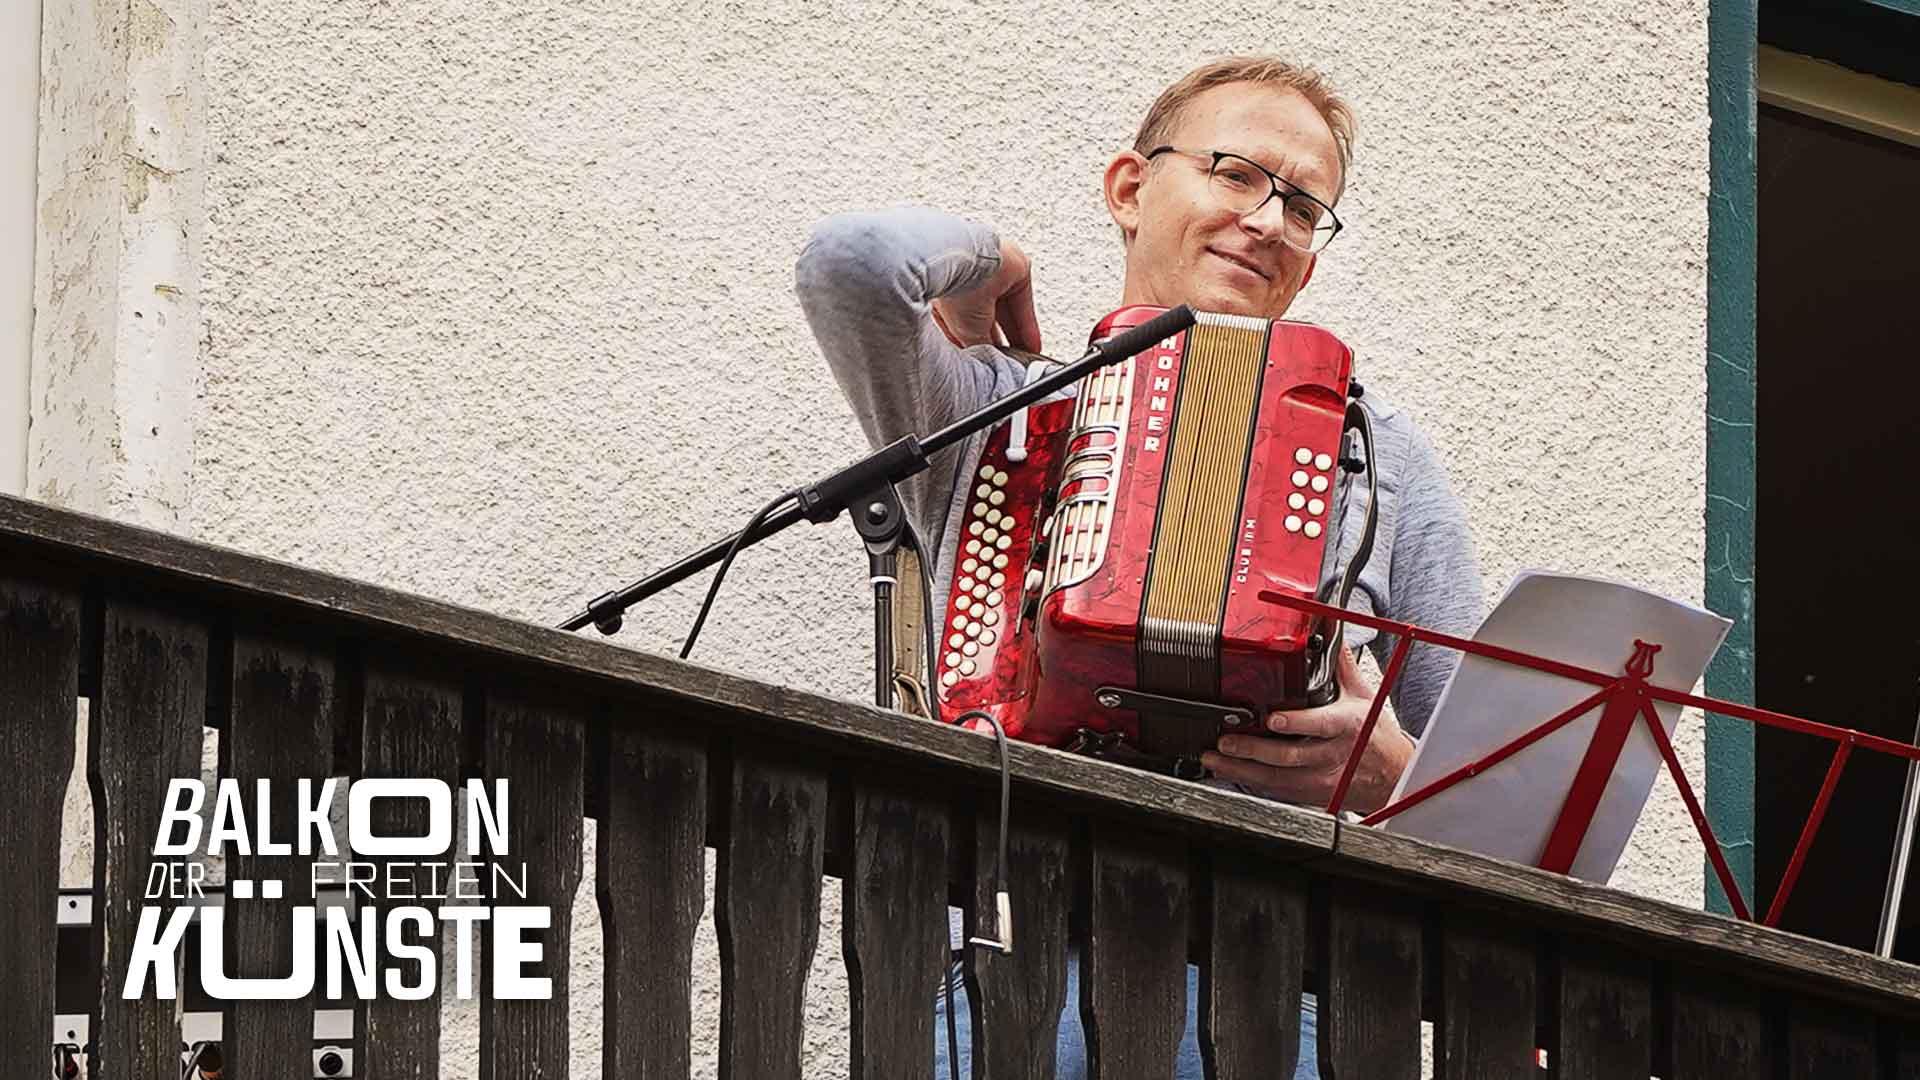 Folk mit Holger Adams auf dem Balkon der freien Künste